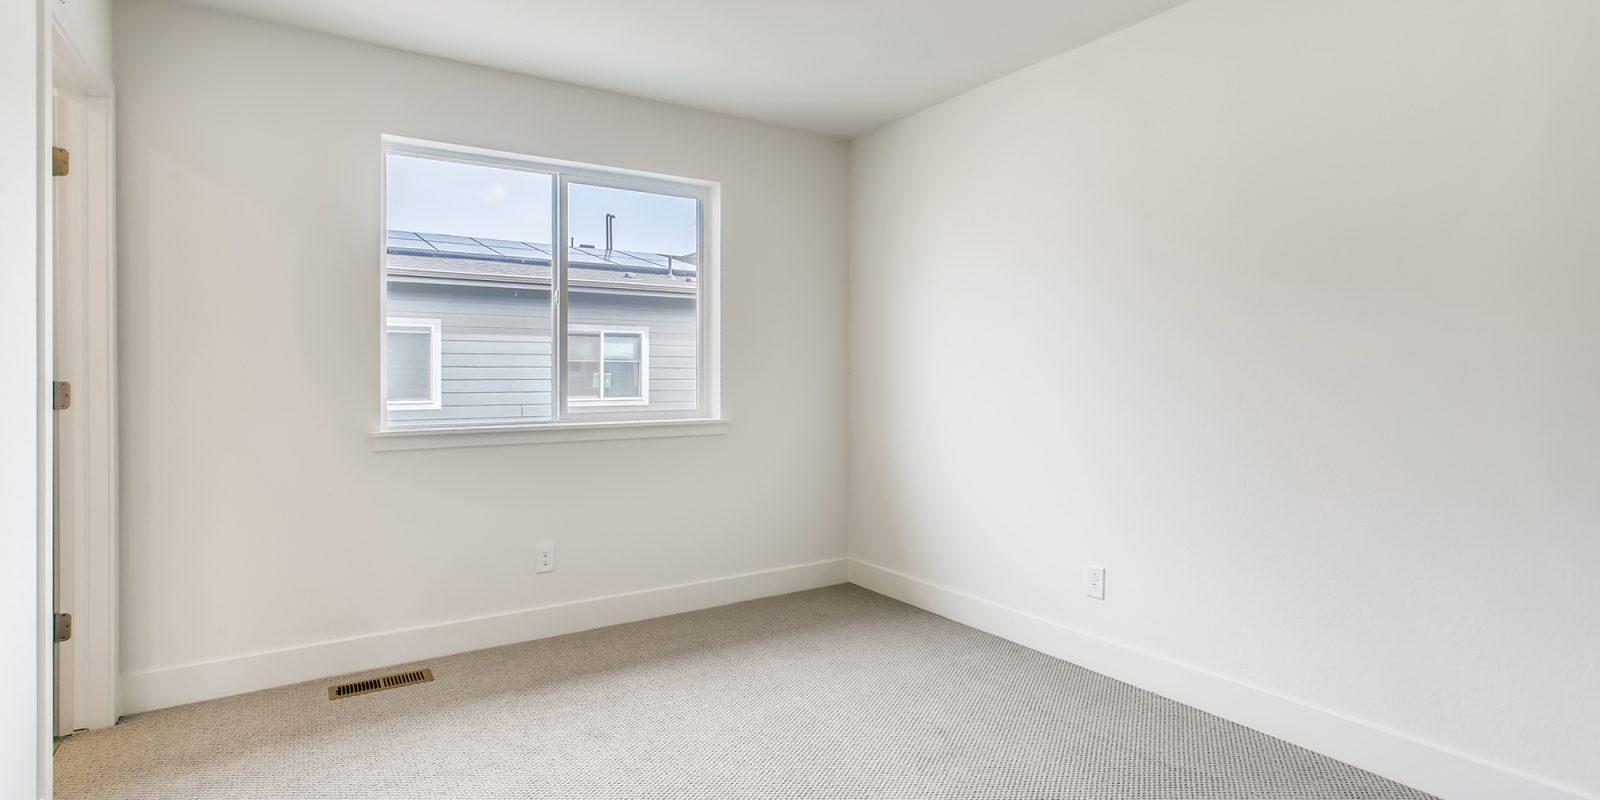 WestRidge: Garland - Secondary Bedroom